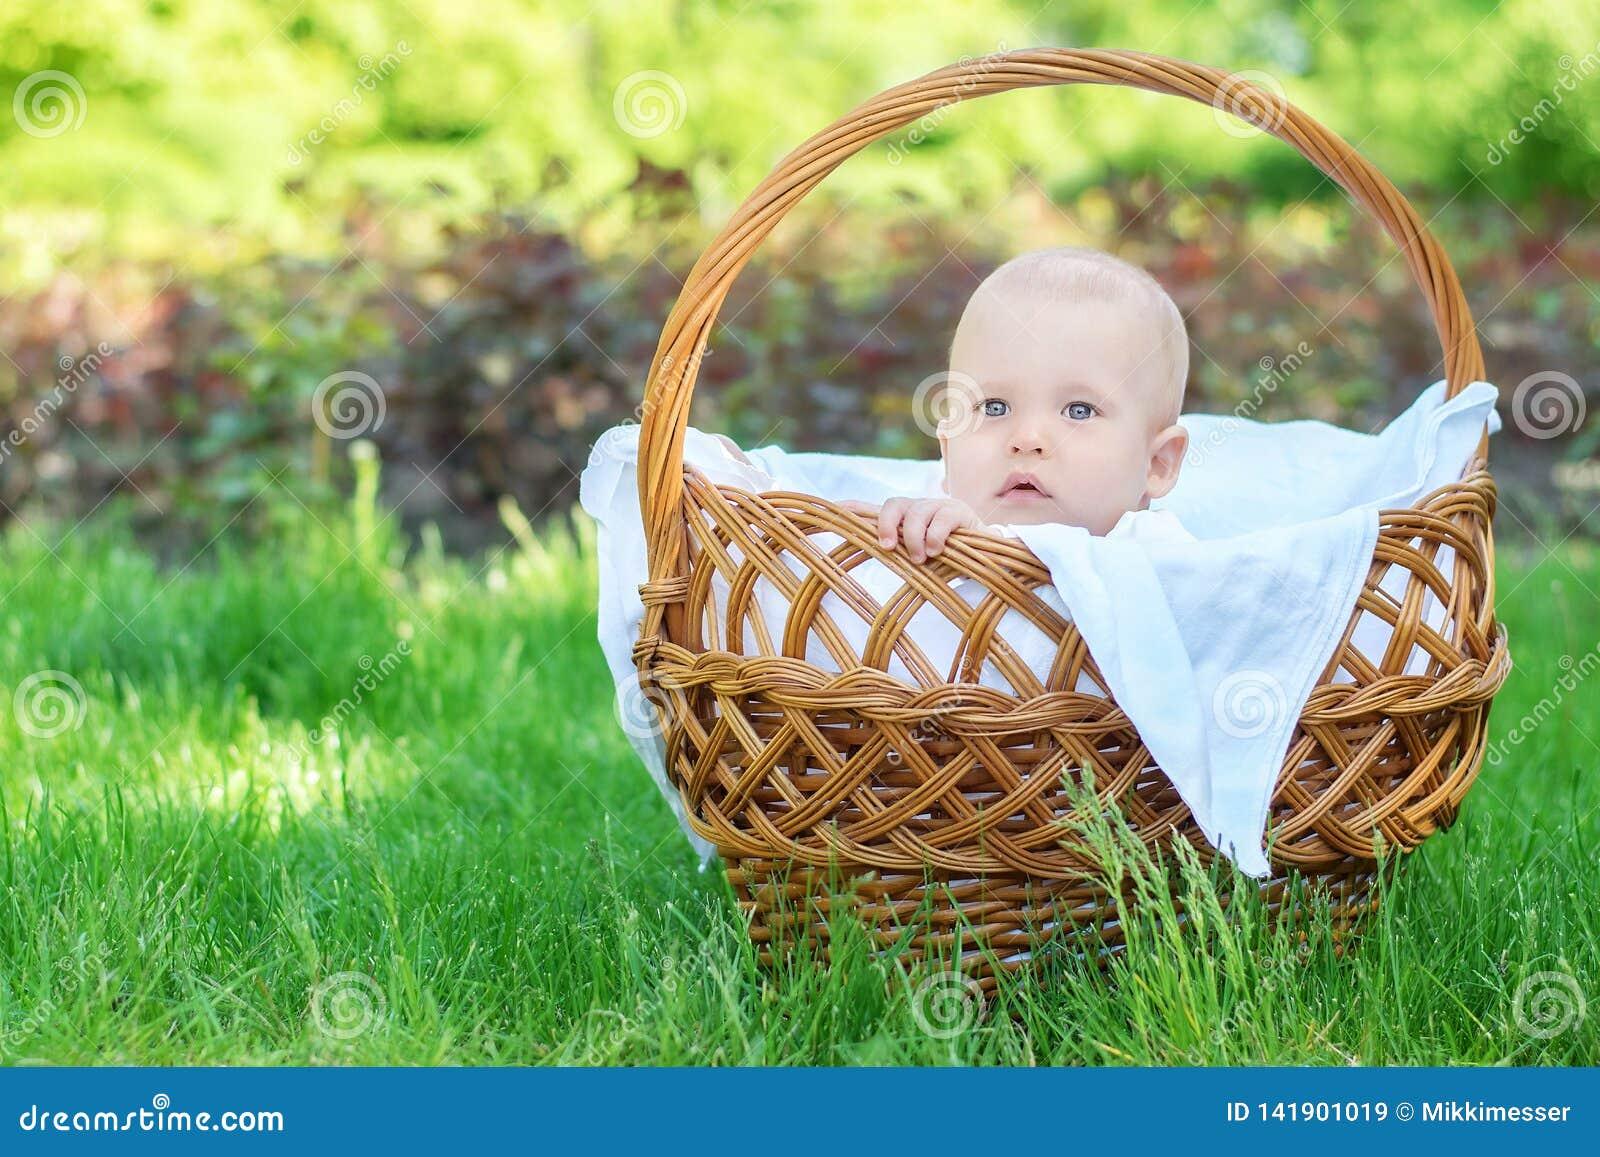 Portret rozważny dziecka dziecka obsiadanie w łozinowego kosza pozycji na trawa gazonie plenerowym szczęśliwy dzieciństwa pojęcie